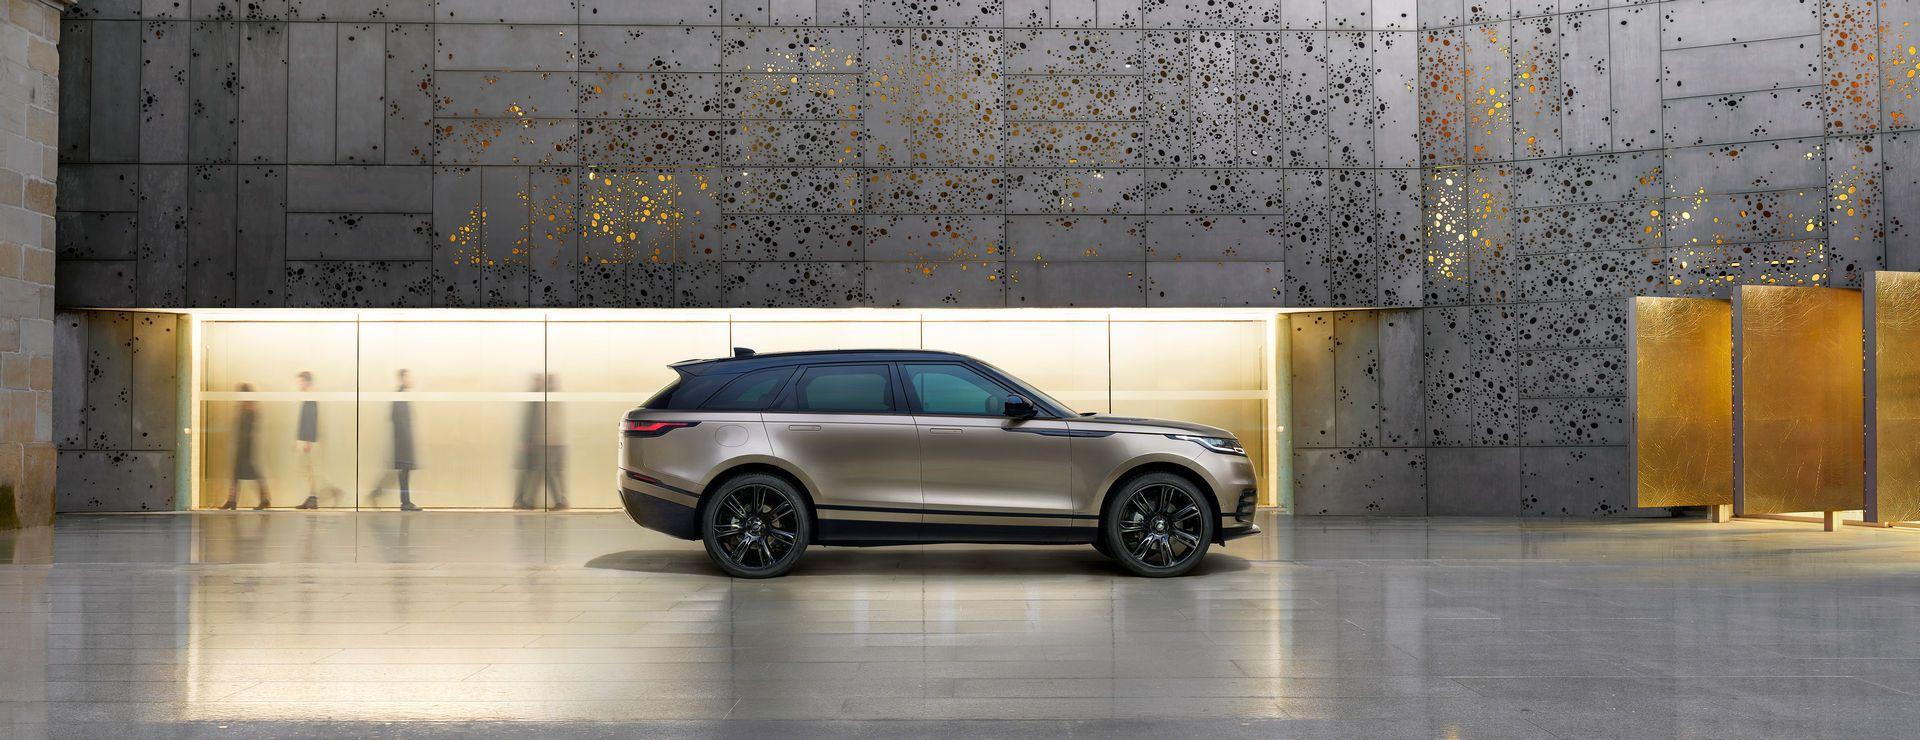 Range-Rover-Velar-2021-25